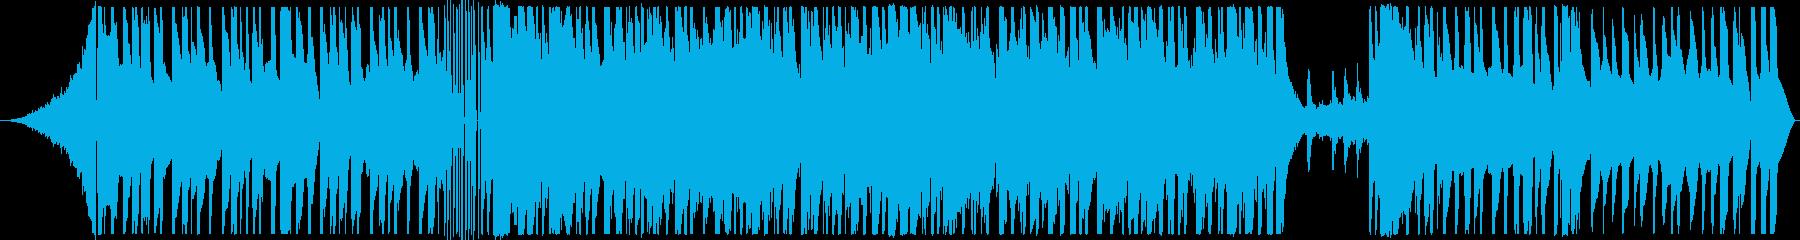 クイズ番組や考え中に流れそうな4つ打ちの再生済みの波形